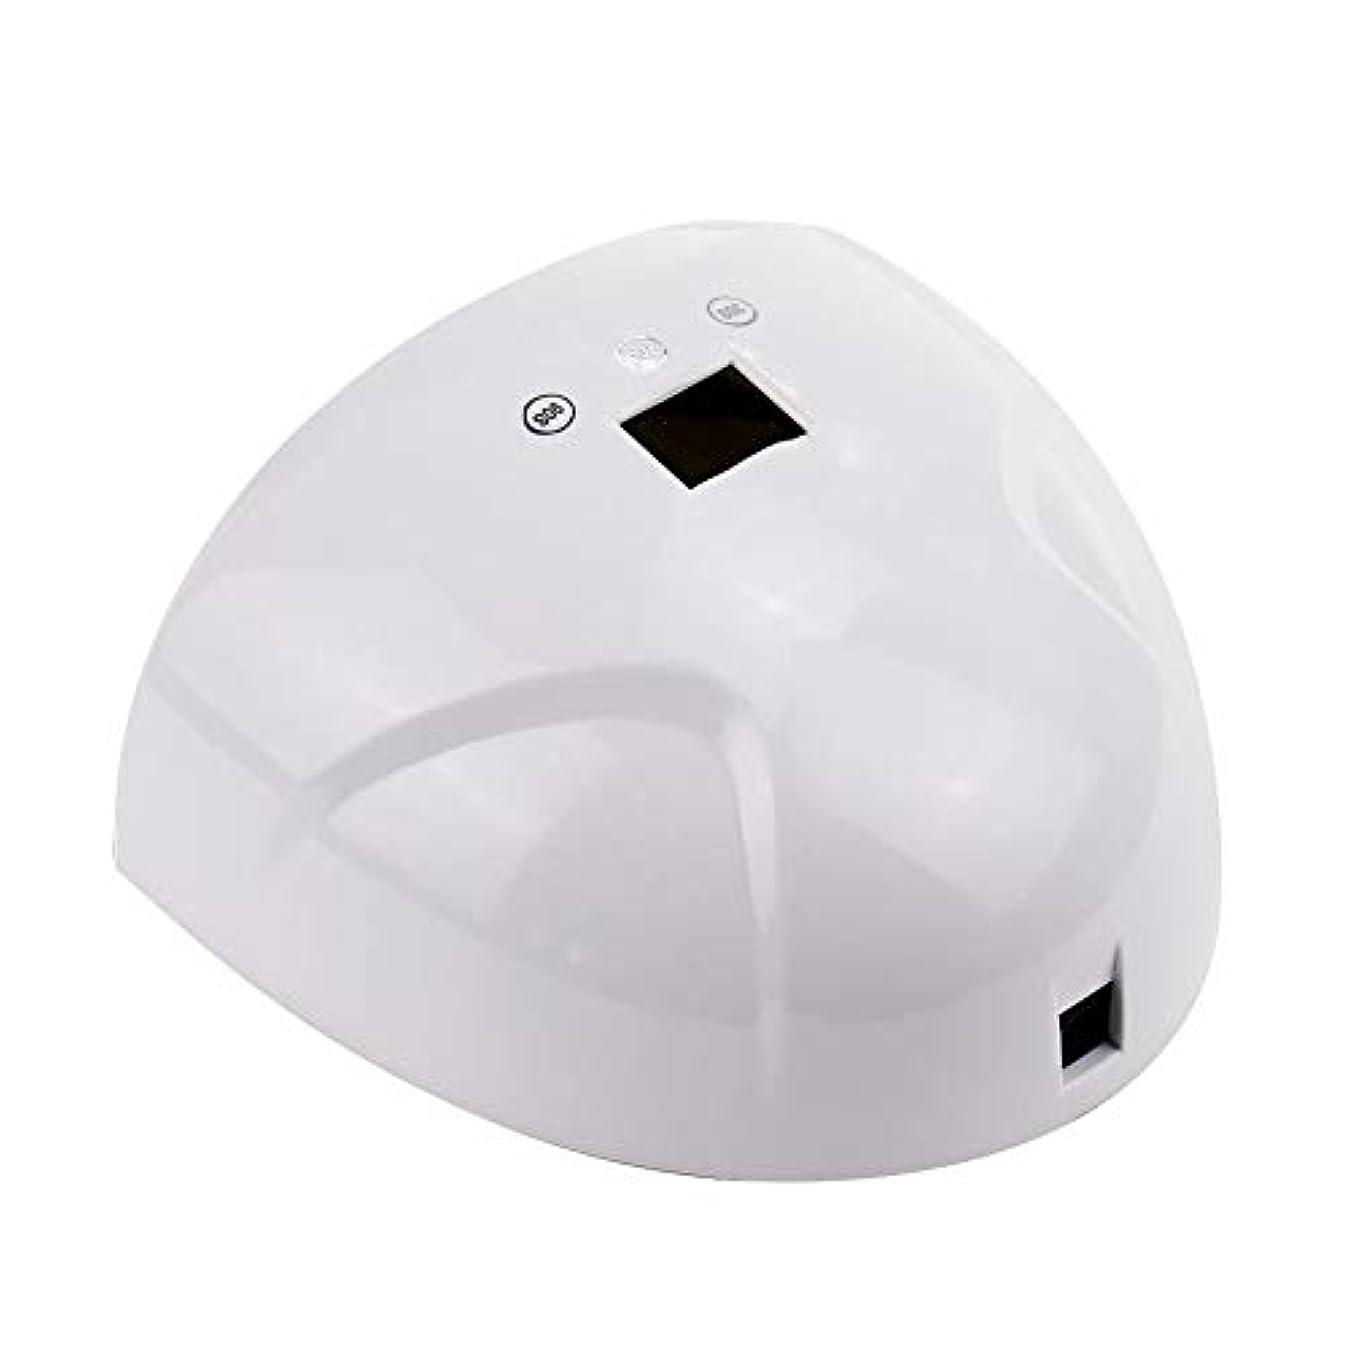 テンポ死すべきアダルトネイルドライヤー - LEDマシン光線療法ネイルマシン36Wスマートデュアル光源ネイルベーキング高速乾燥機